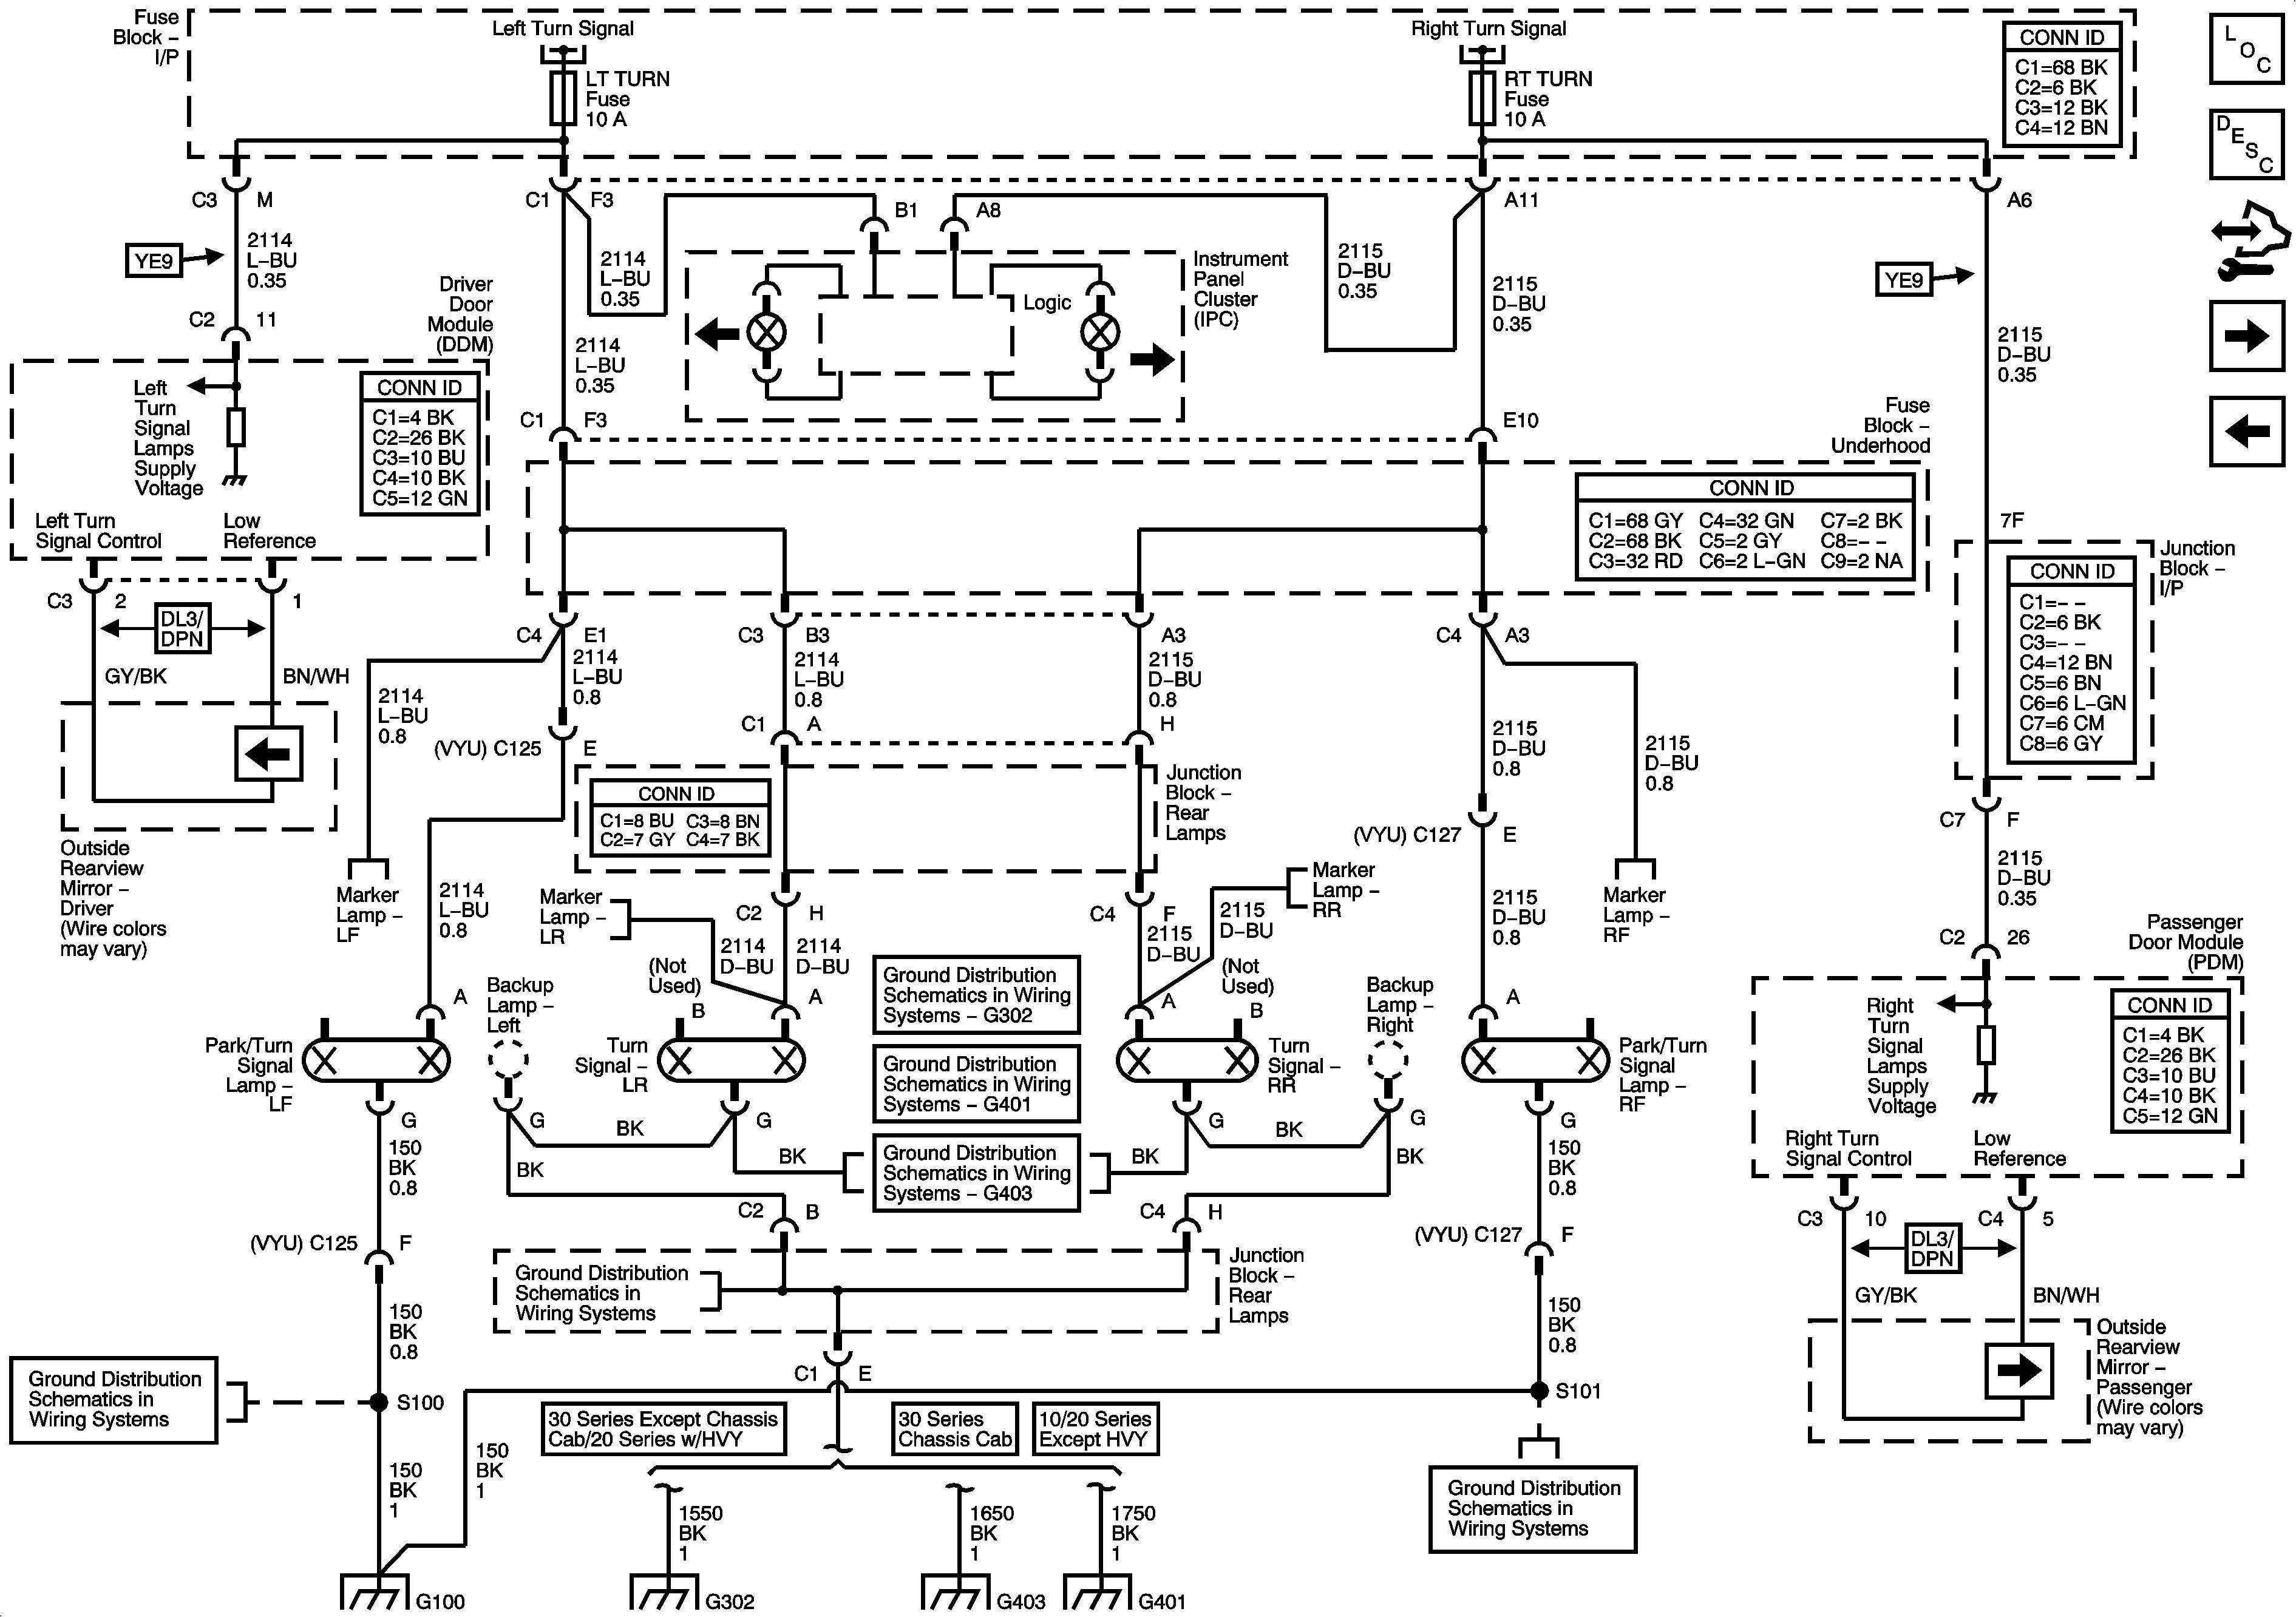 2009 silverado wiring diagram 2003 chevy silverado wiring